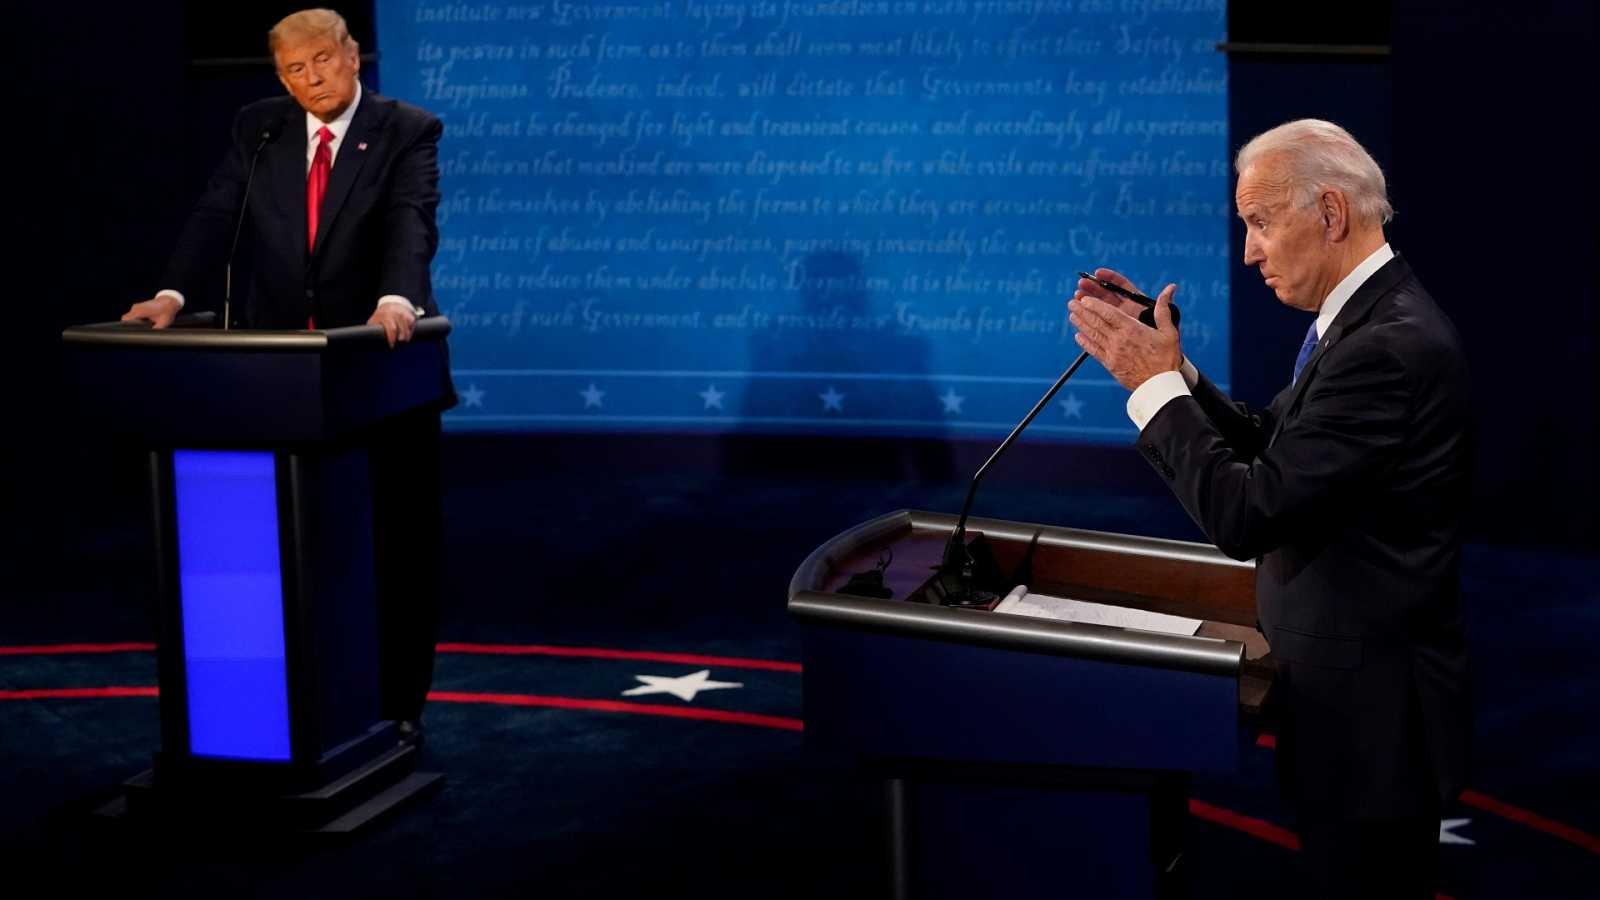 Especial informativo - Debate Presidencial EE.UU. entre Donald Trump y Joe Biden - ver ahora